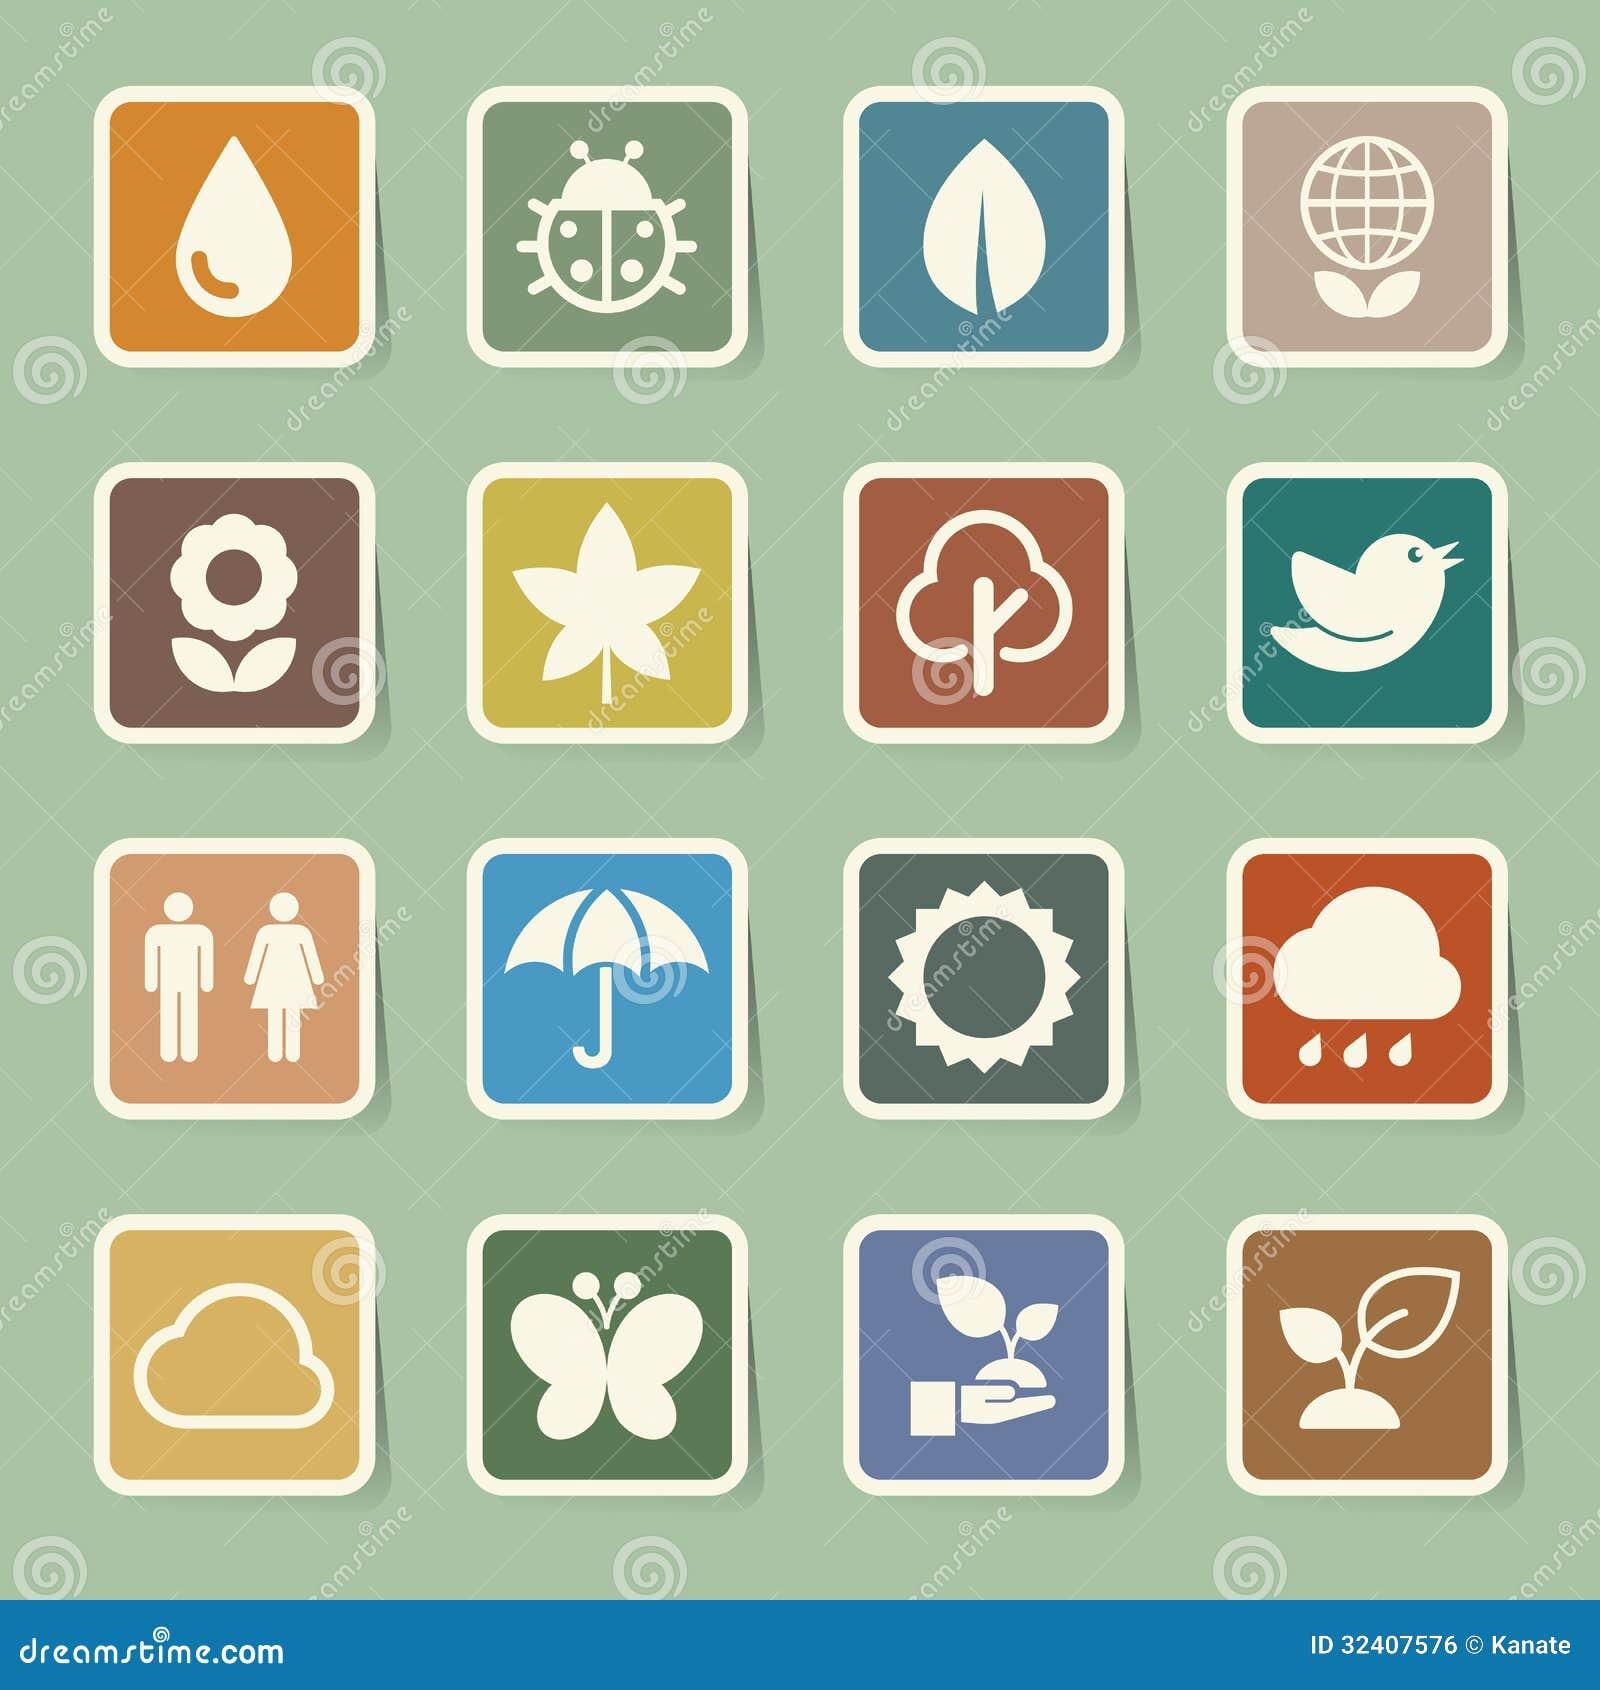 Eco Icons Set. Royalty Free Stock Image - Image: 32407576